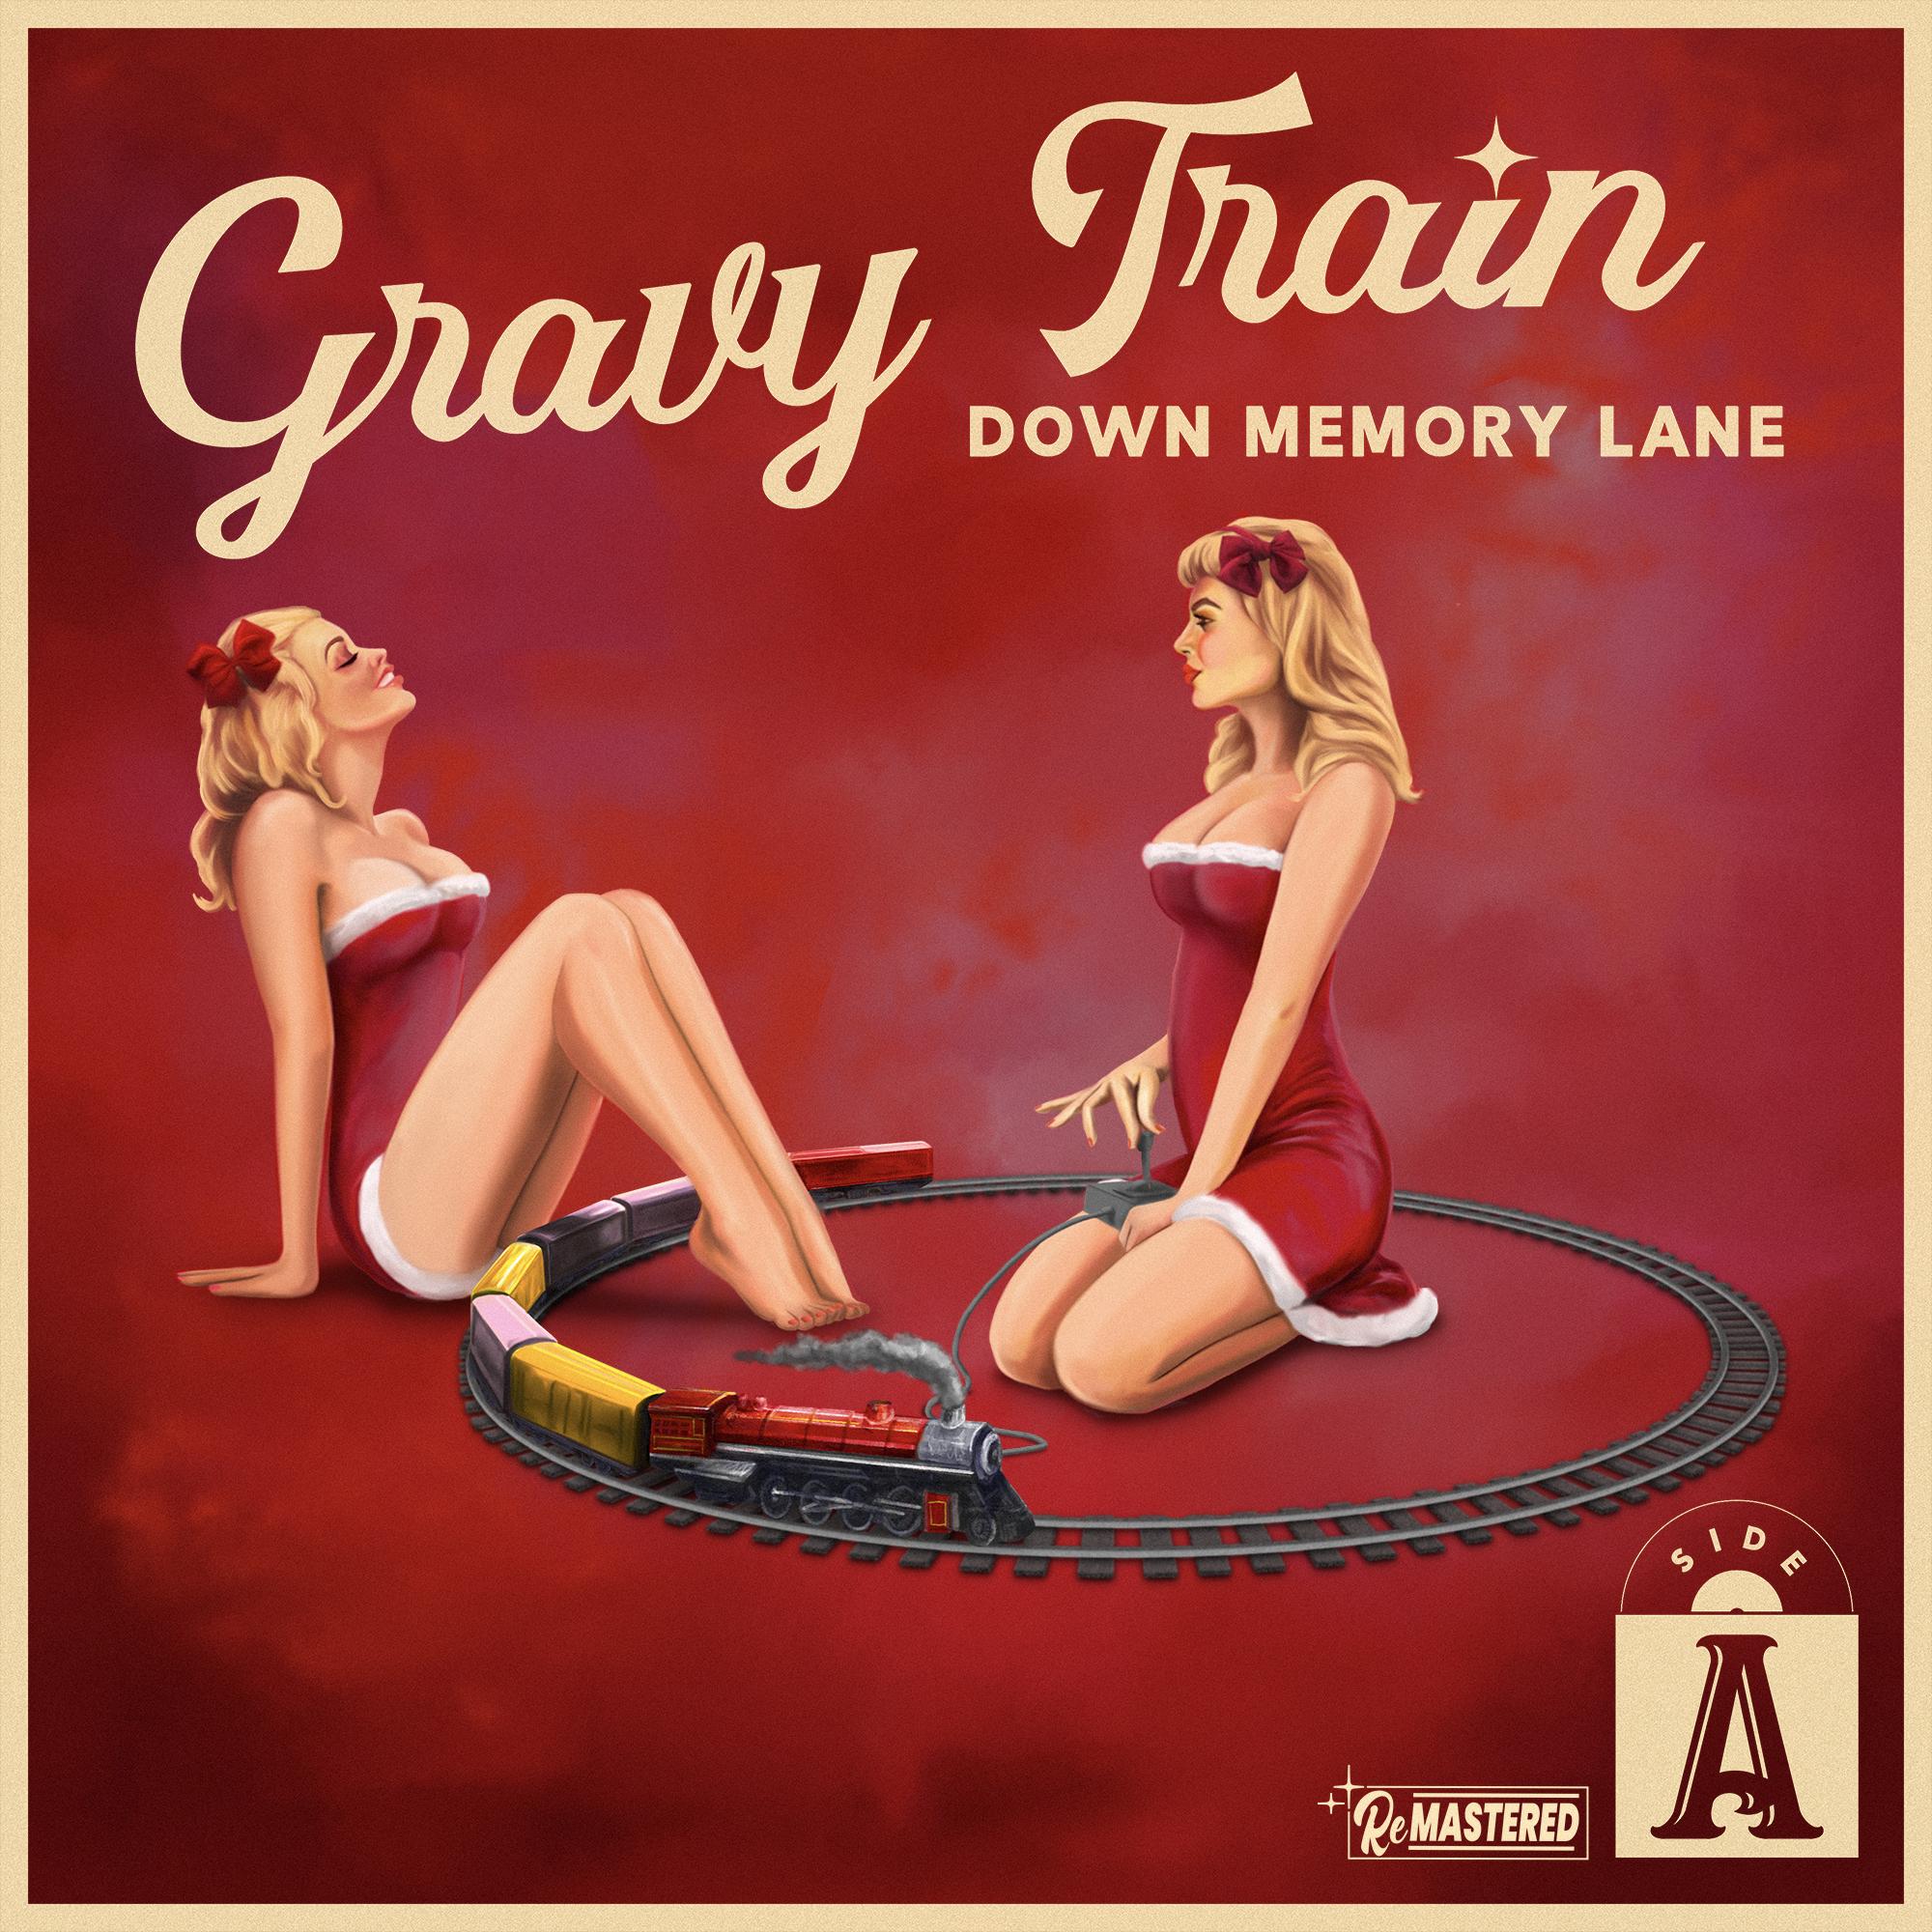 Gravy Train Down Memory Lane Side A - Yung Gravy